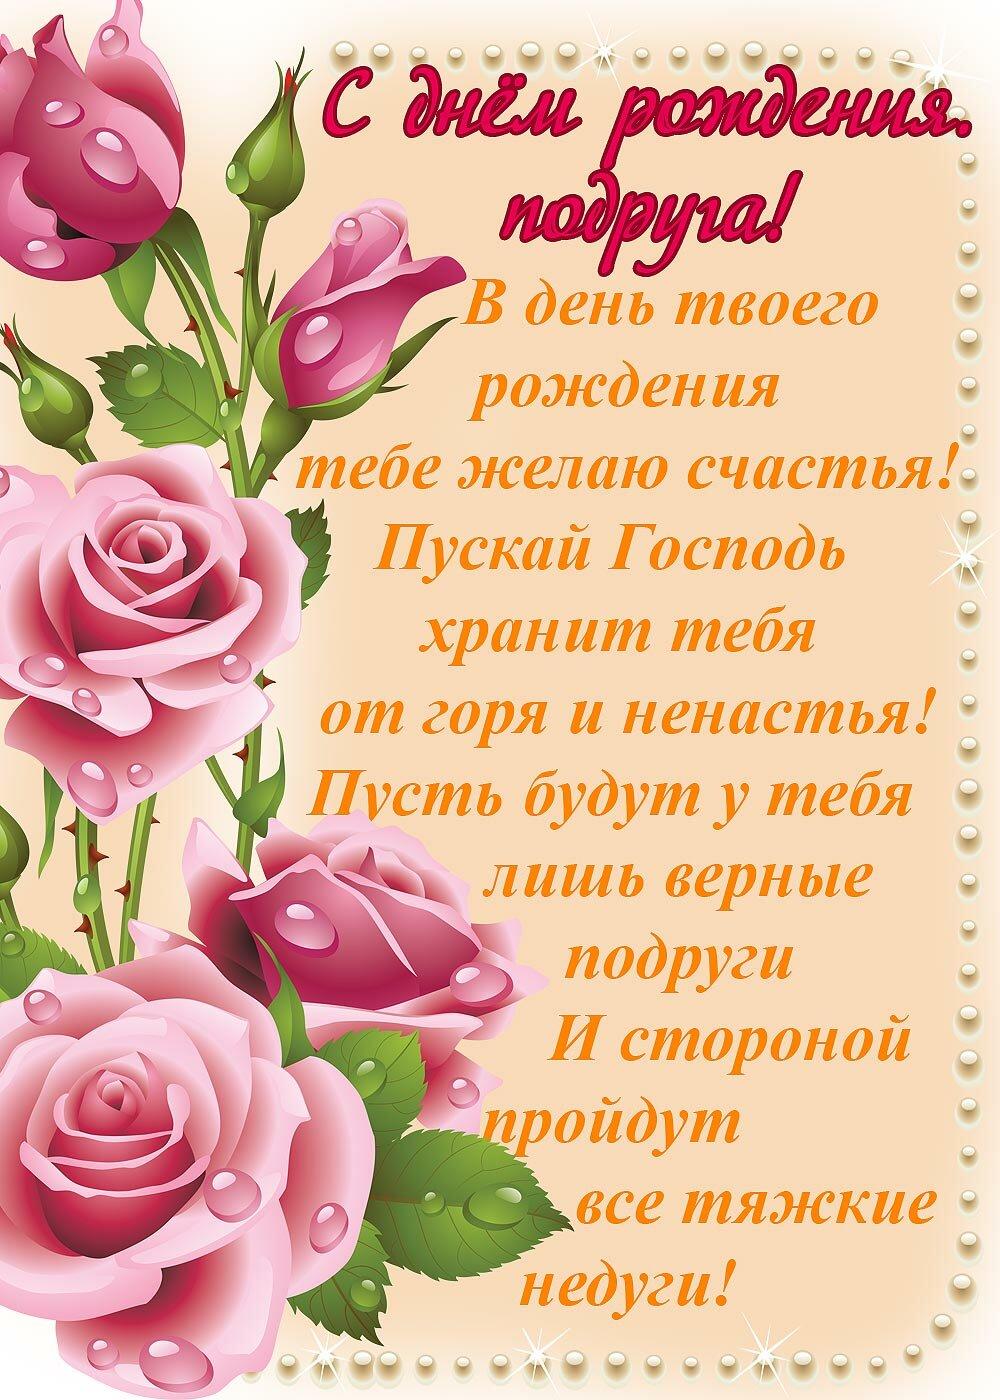 Днем рождения, поздравление подруге картинки открытки